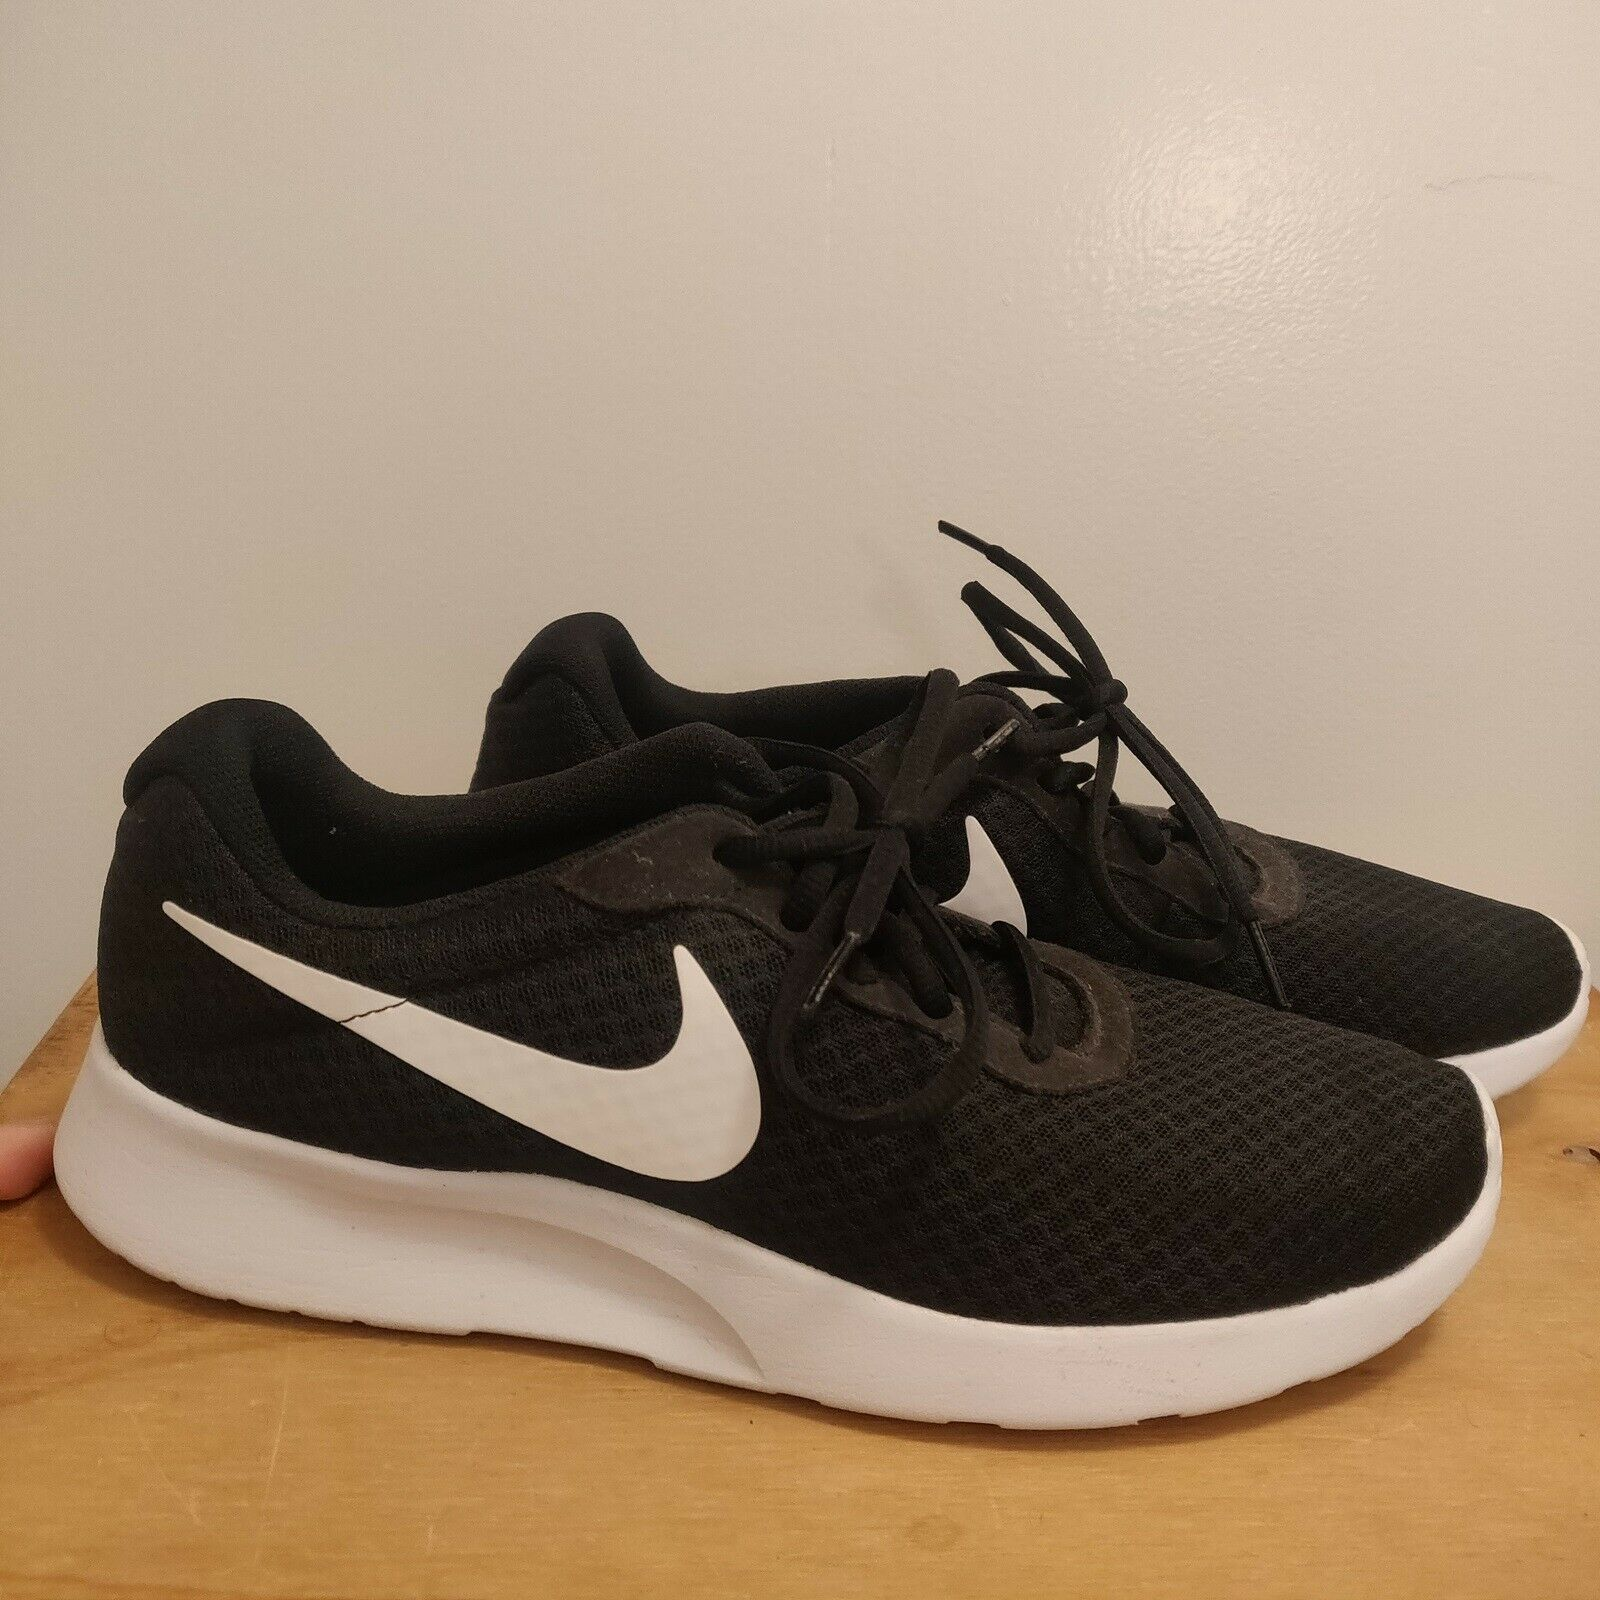 Sneakers, Nike, str. 44,5 – dba.dk – Køb og Salg af Nyt og Brugt